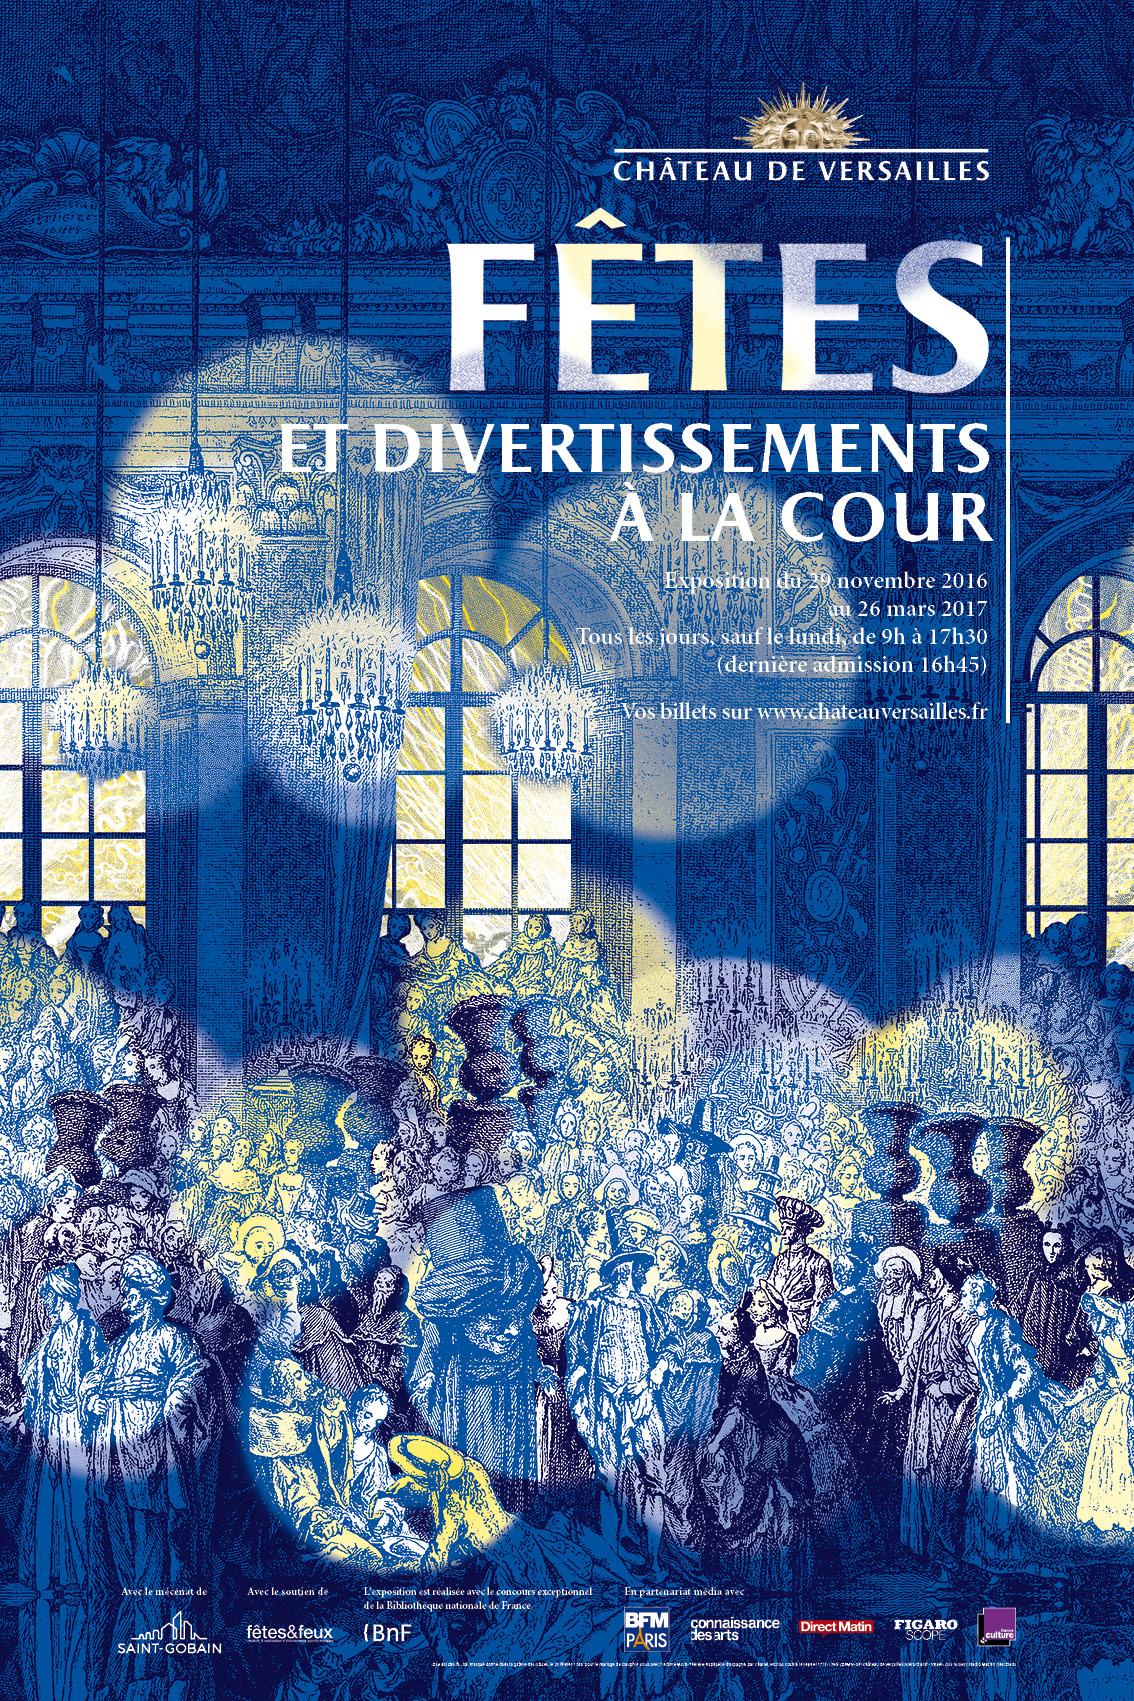 Affiche de l'exposition Fêtes et divertissements à la Cour Versailles